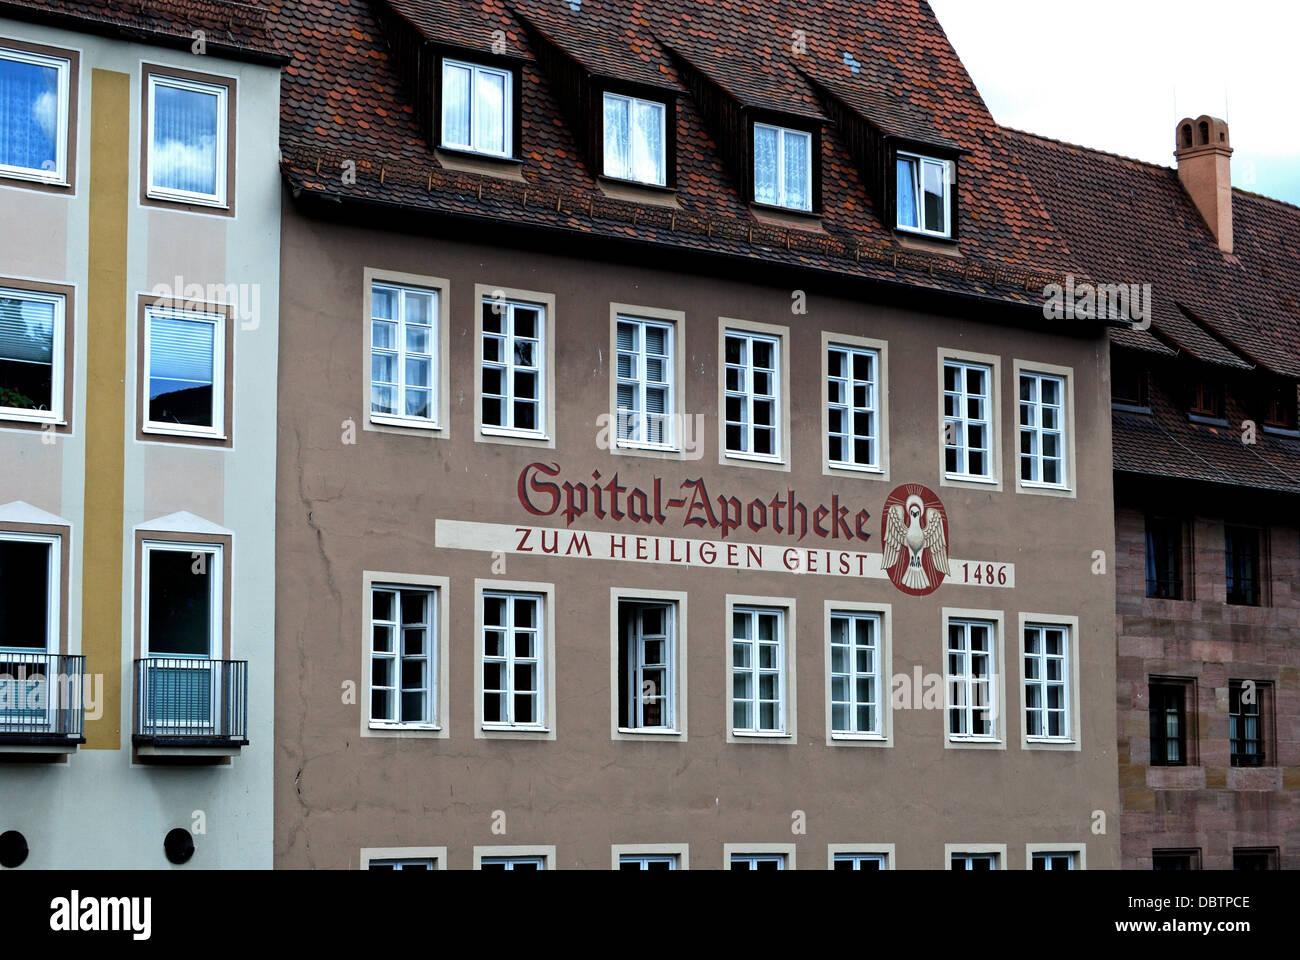 Apotheke - Zum Heiligen Geist 1486 (old chemist), Nuremberg, Bavaria, Germany, Western Europe. - Stock Image